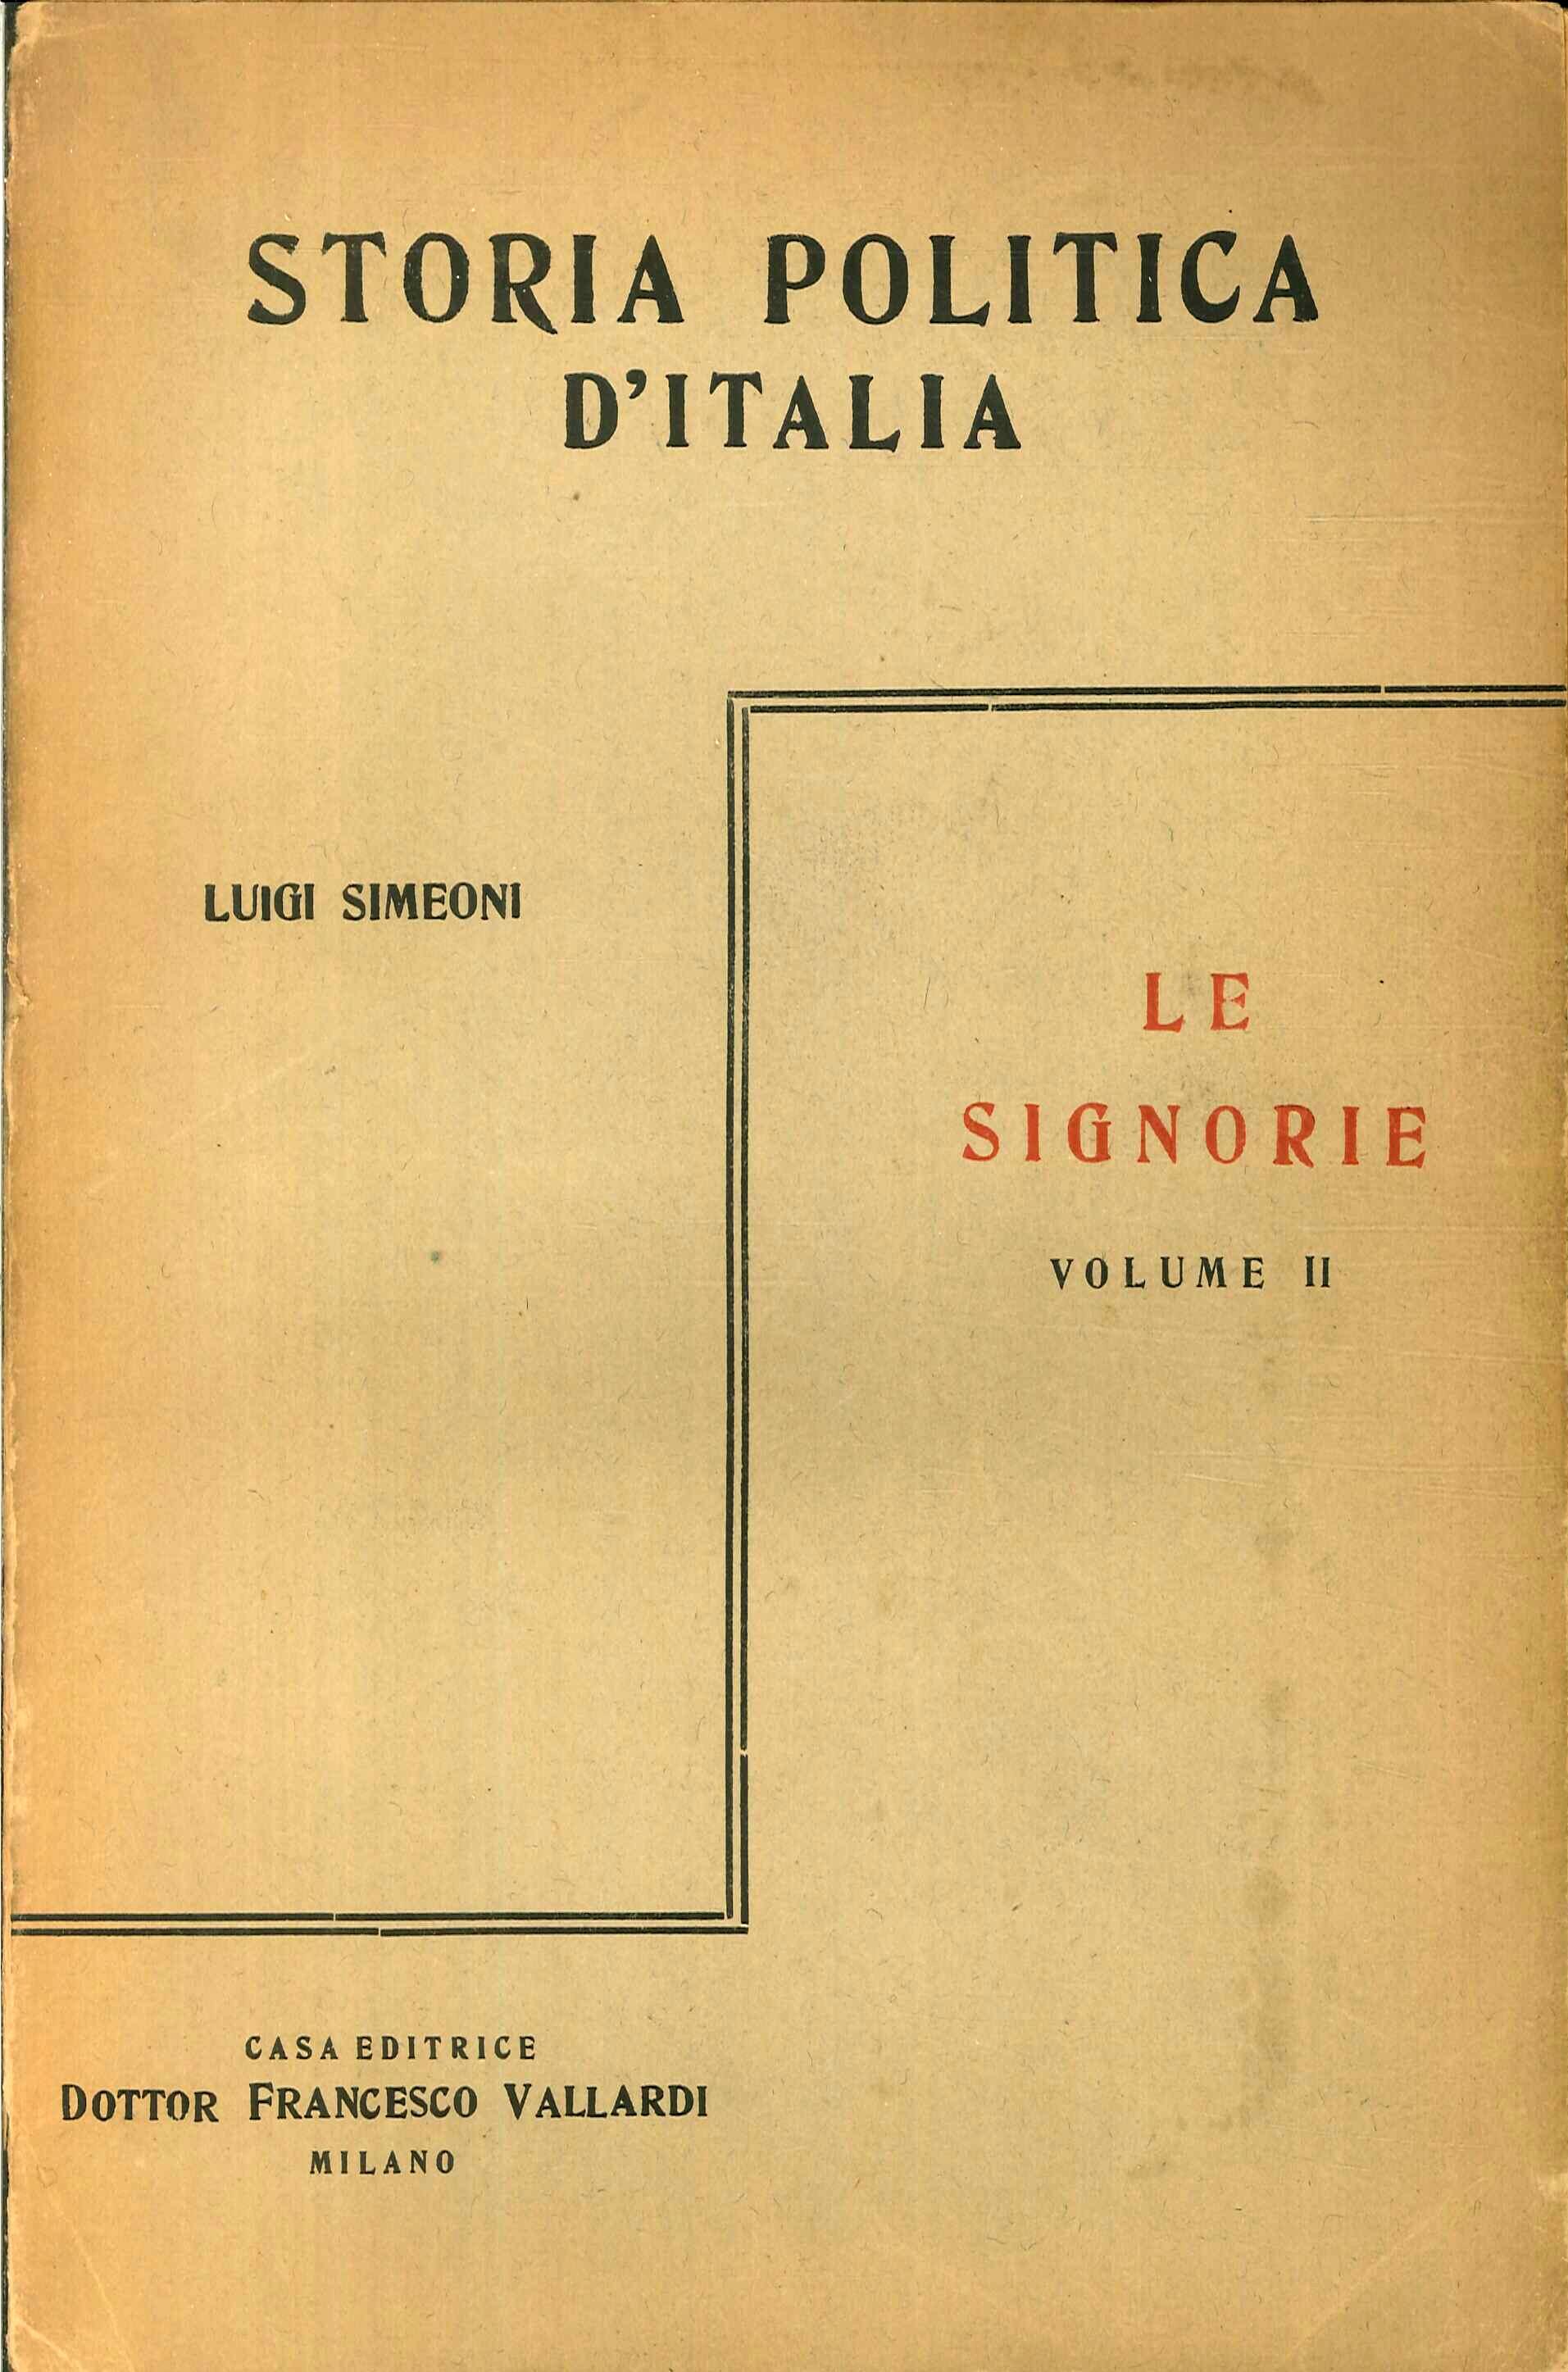 Storia Politica d'Italia dalle Origini ai Giorni Nostri. Le Signorie. Volume II.